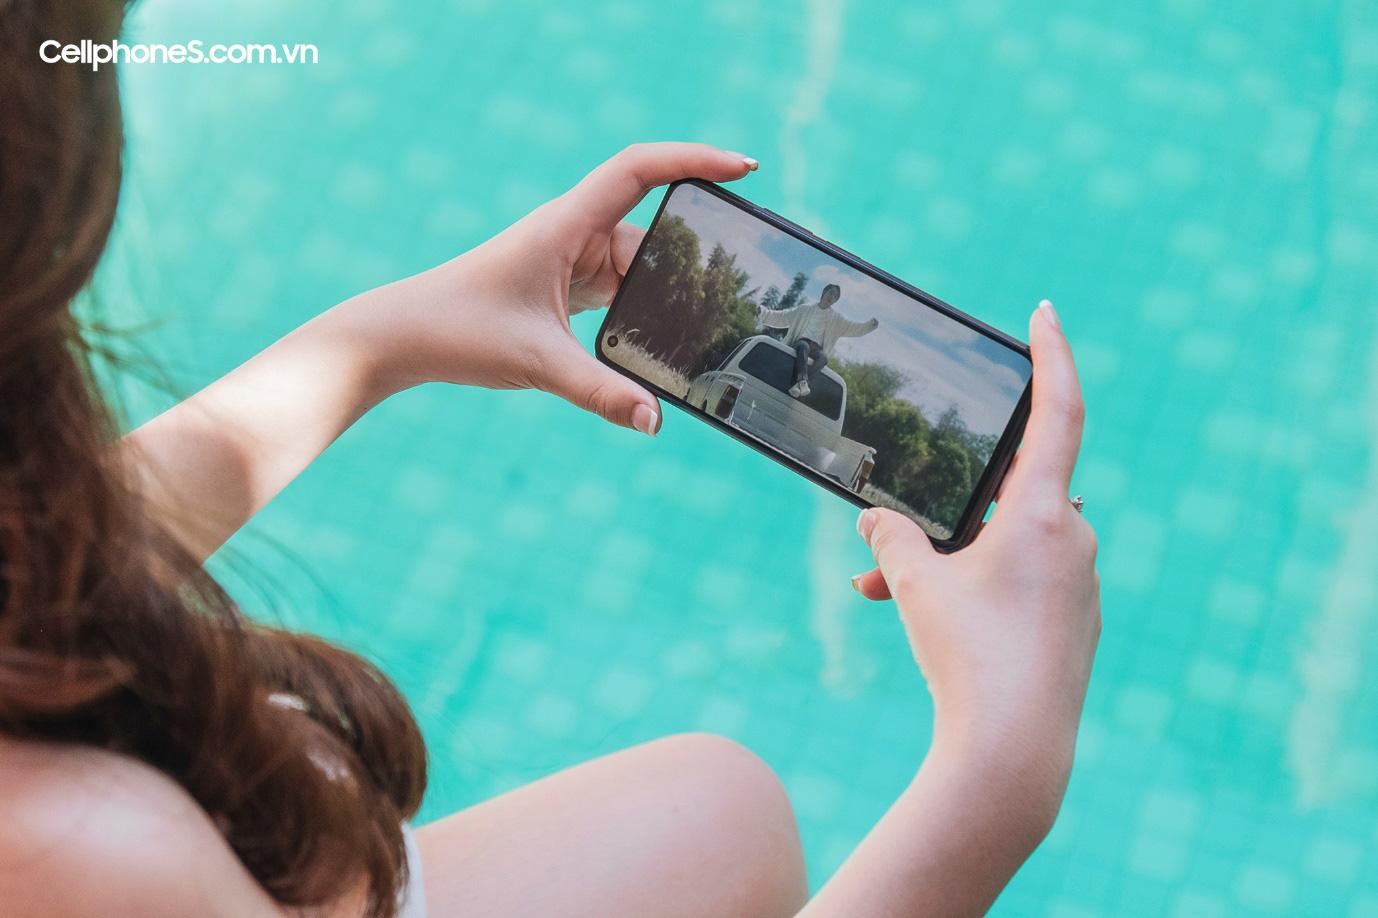 Chọn mua smartphone tầm trung dịp hè, đừng bỏ qua Mi 11 Lite 5G - Ảnh 2.